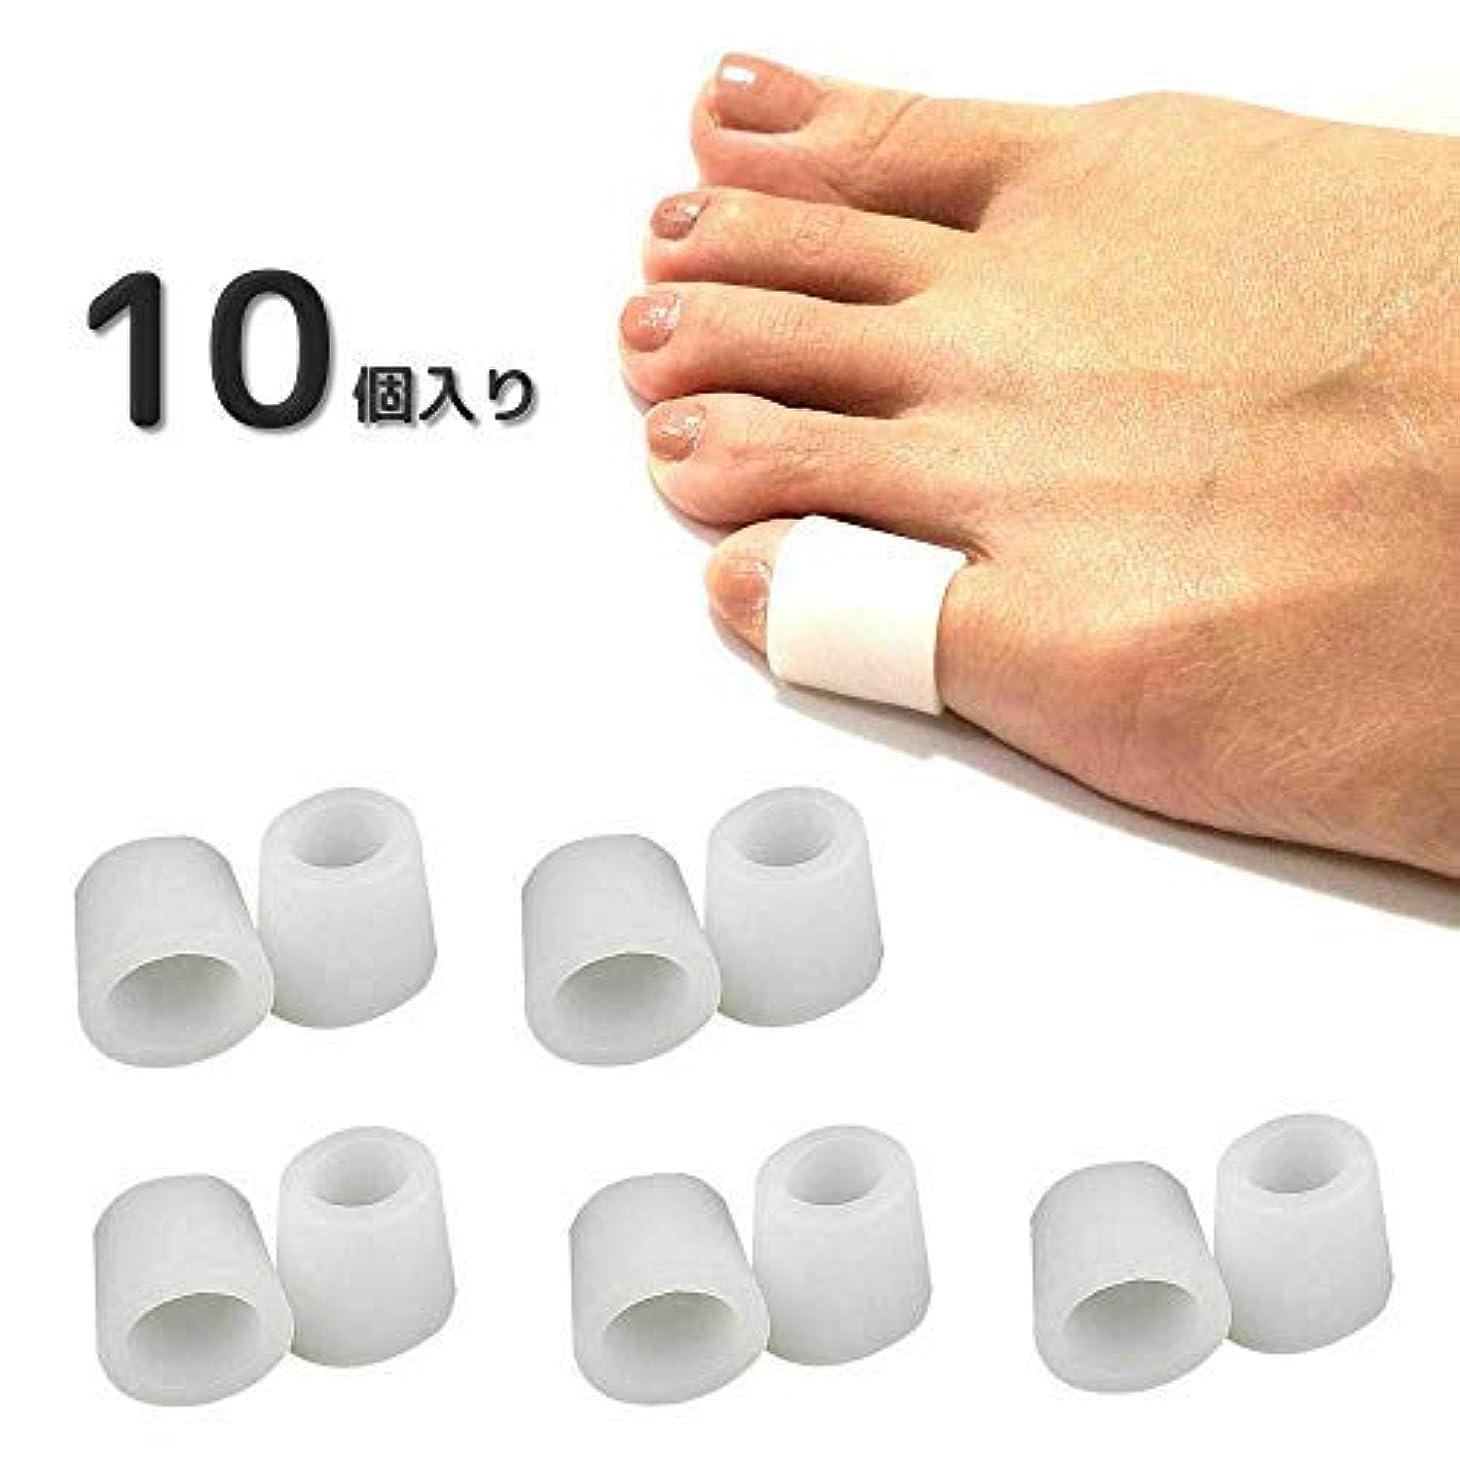 長方形または天使足指 足爪 保護キャップ 小指 5ペア ジェル 足指キャップ プロテクター スリーブ 水疱 陥入爪 爪損傷 摩擦疼痛などの緩和 男女兼用(10個入り) (Aタイプ)